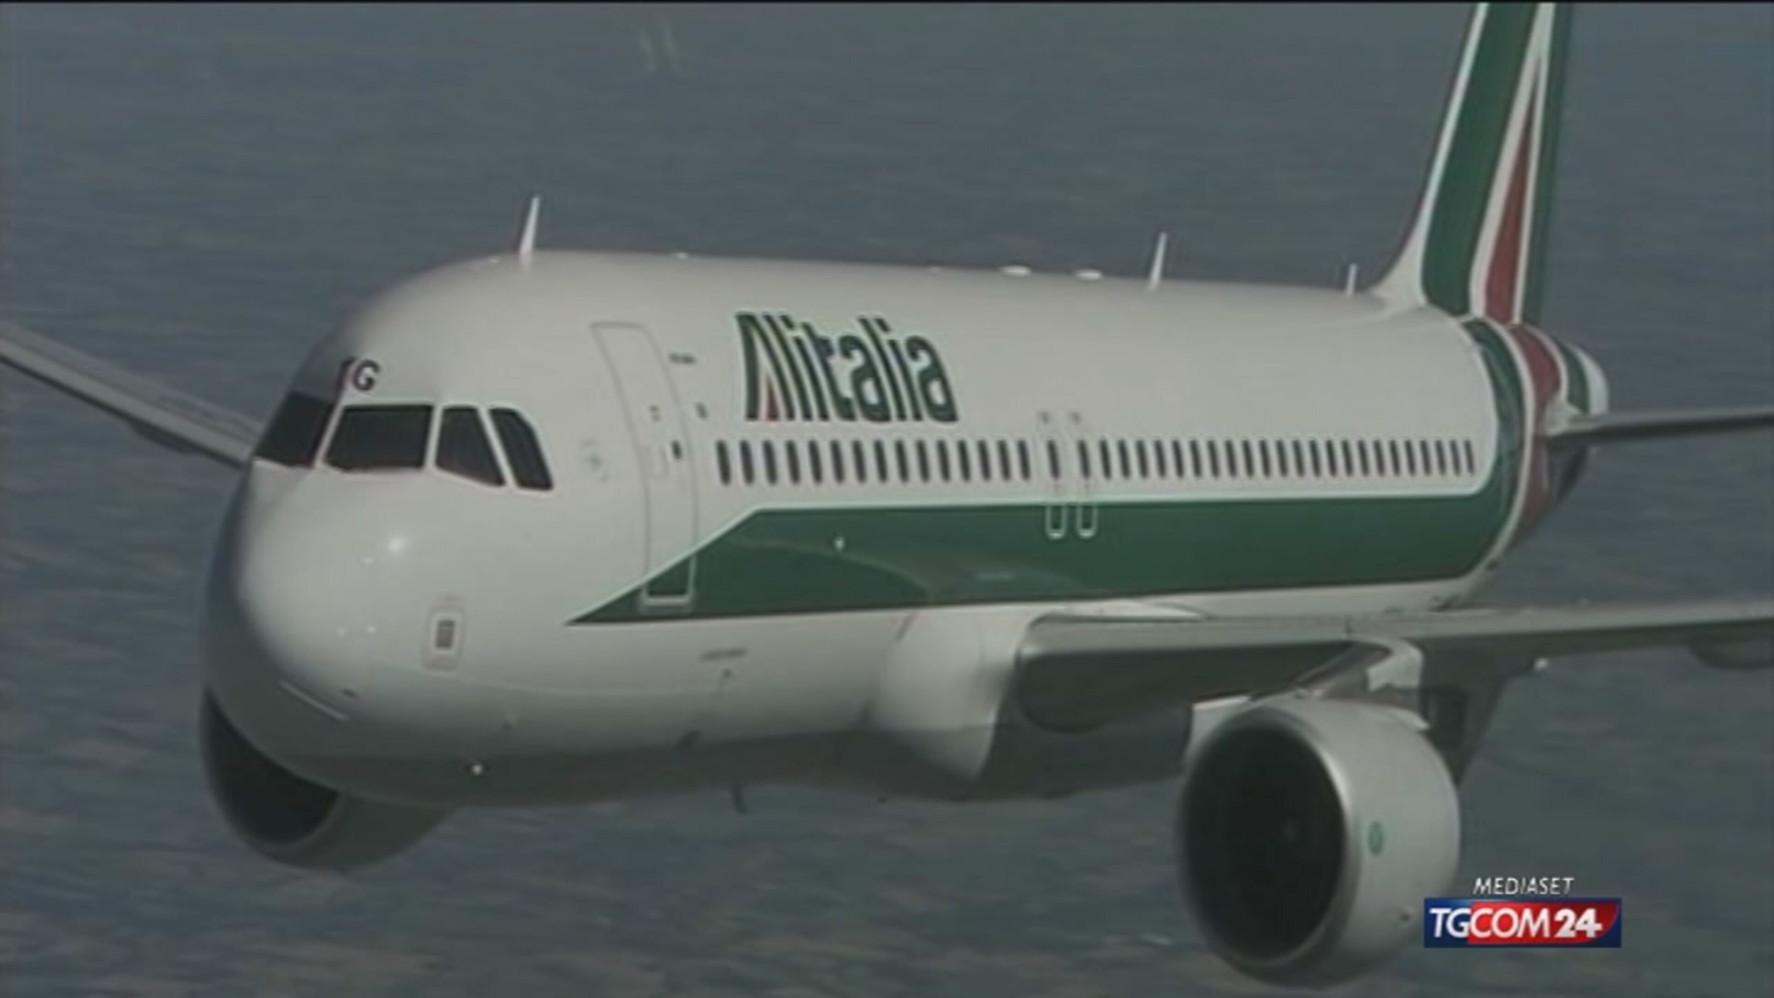 Cala il sipario su Alitalia e il rischio che venga messo a gara l'intero patrimonio pubblico diventa reale